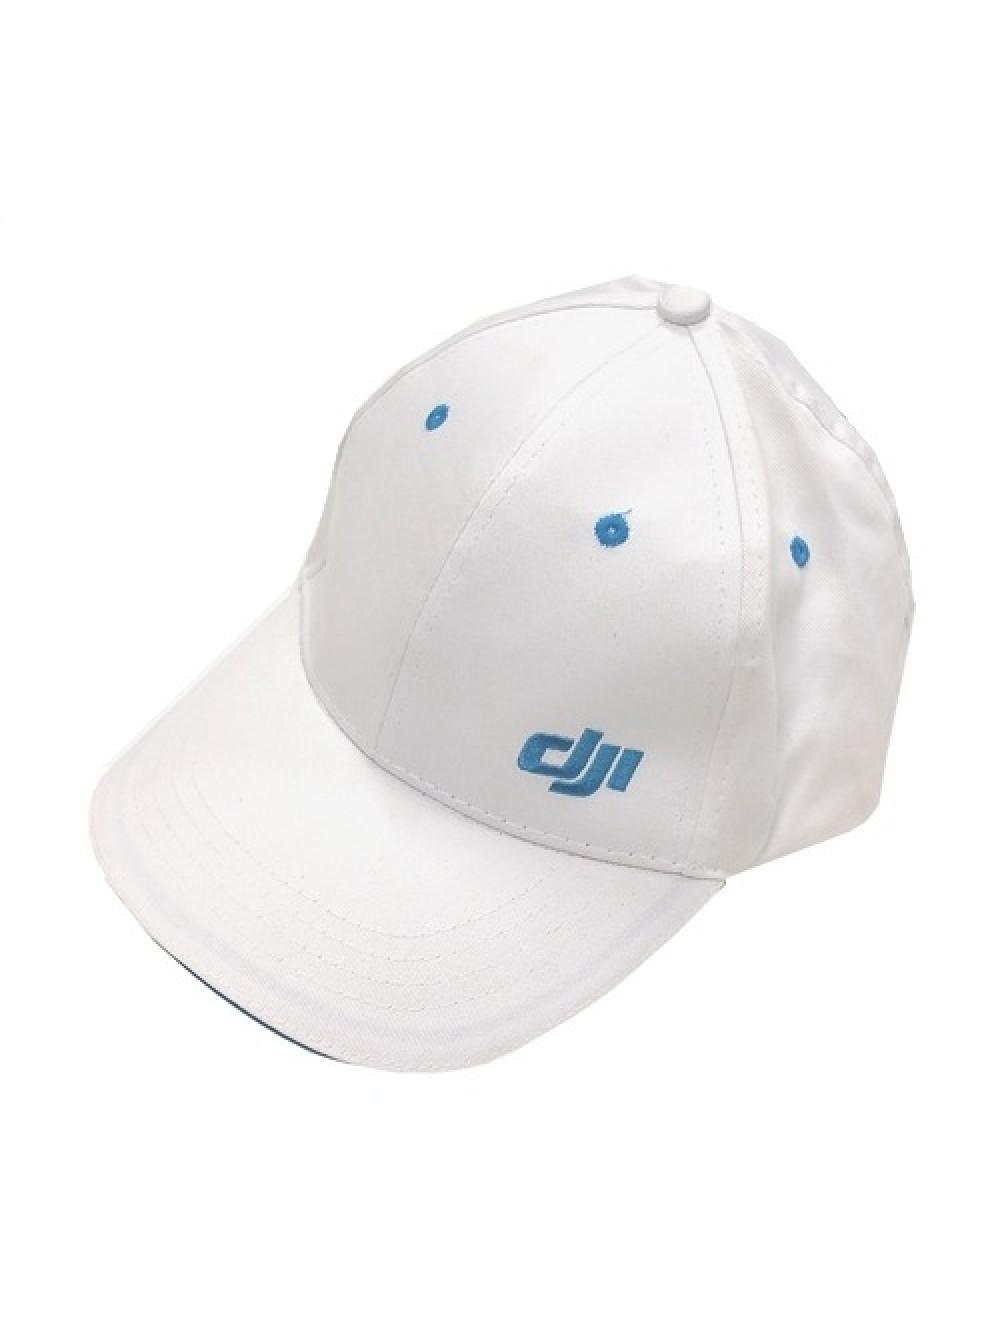 Оригинальная кепка DJI Белая